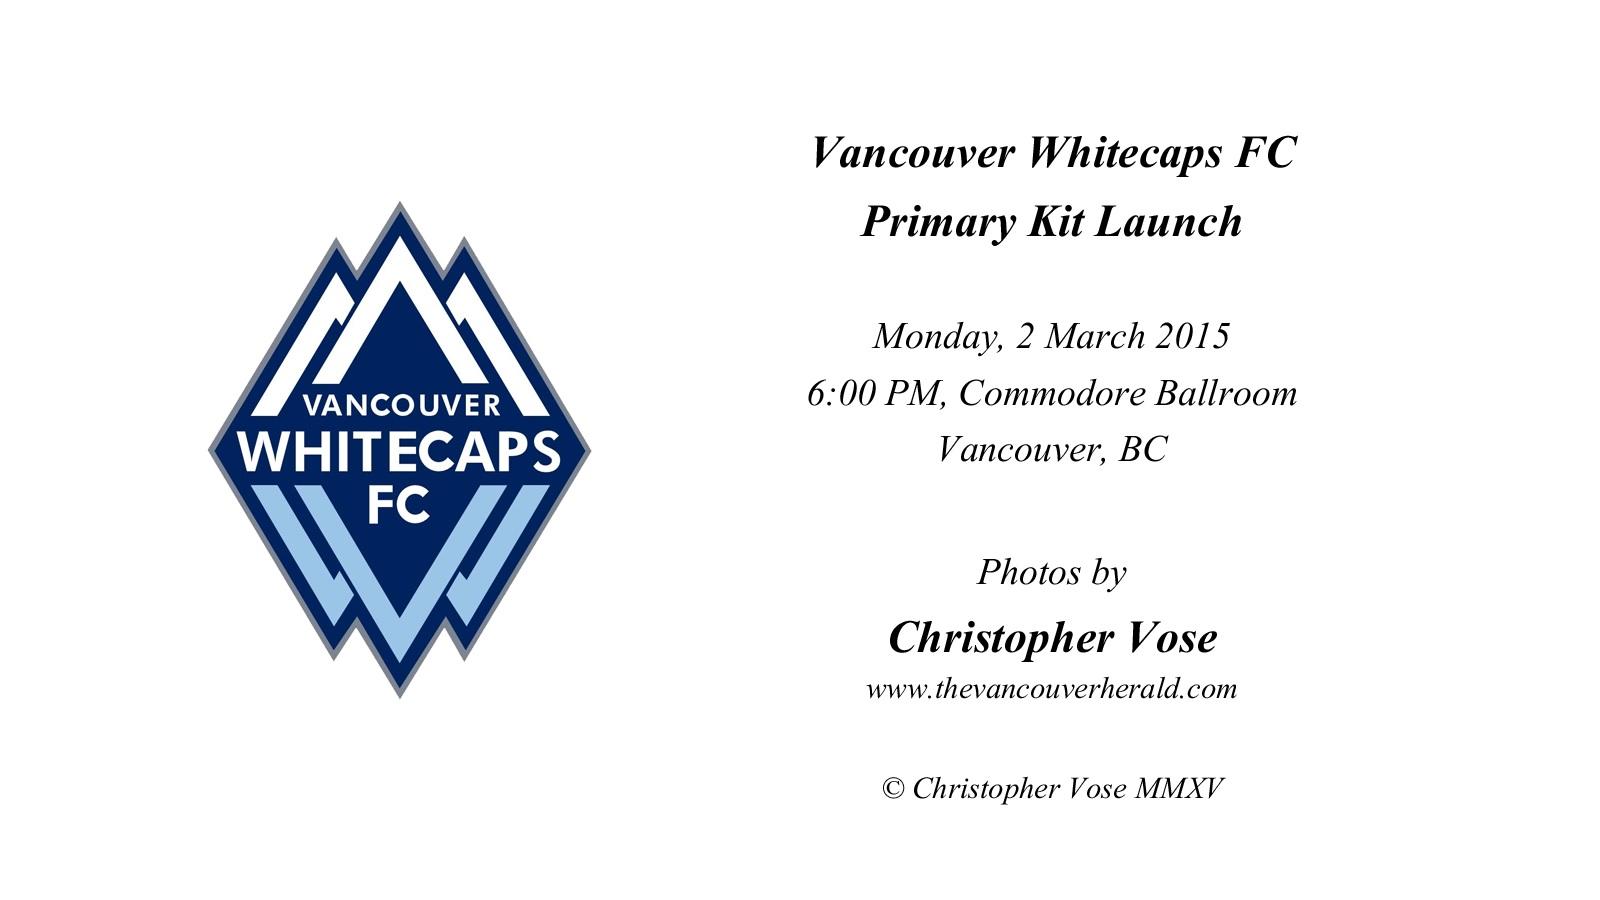 2015-03-02 Vancouver Whitecaps FC  Launch Primary Kit.jpg